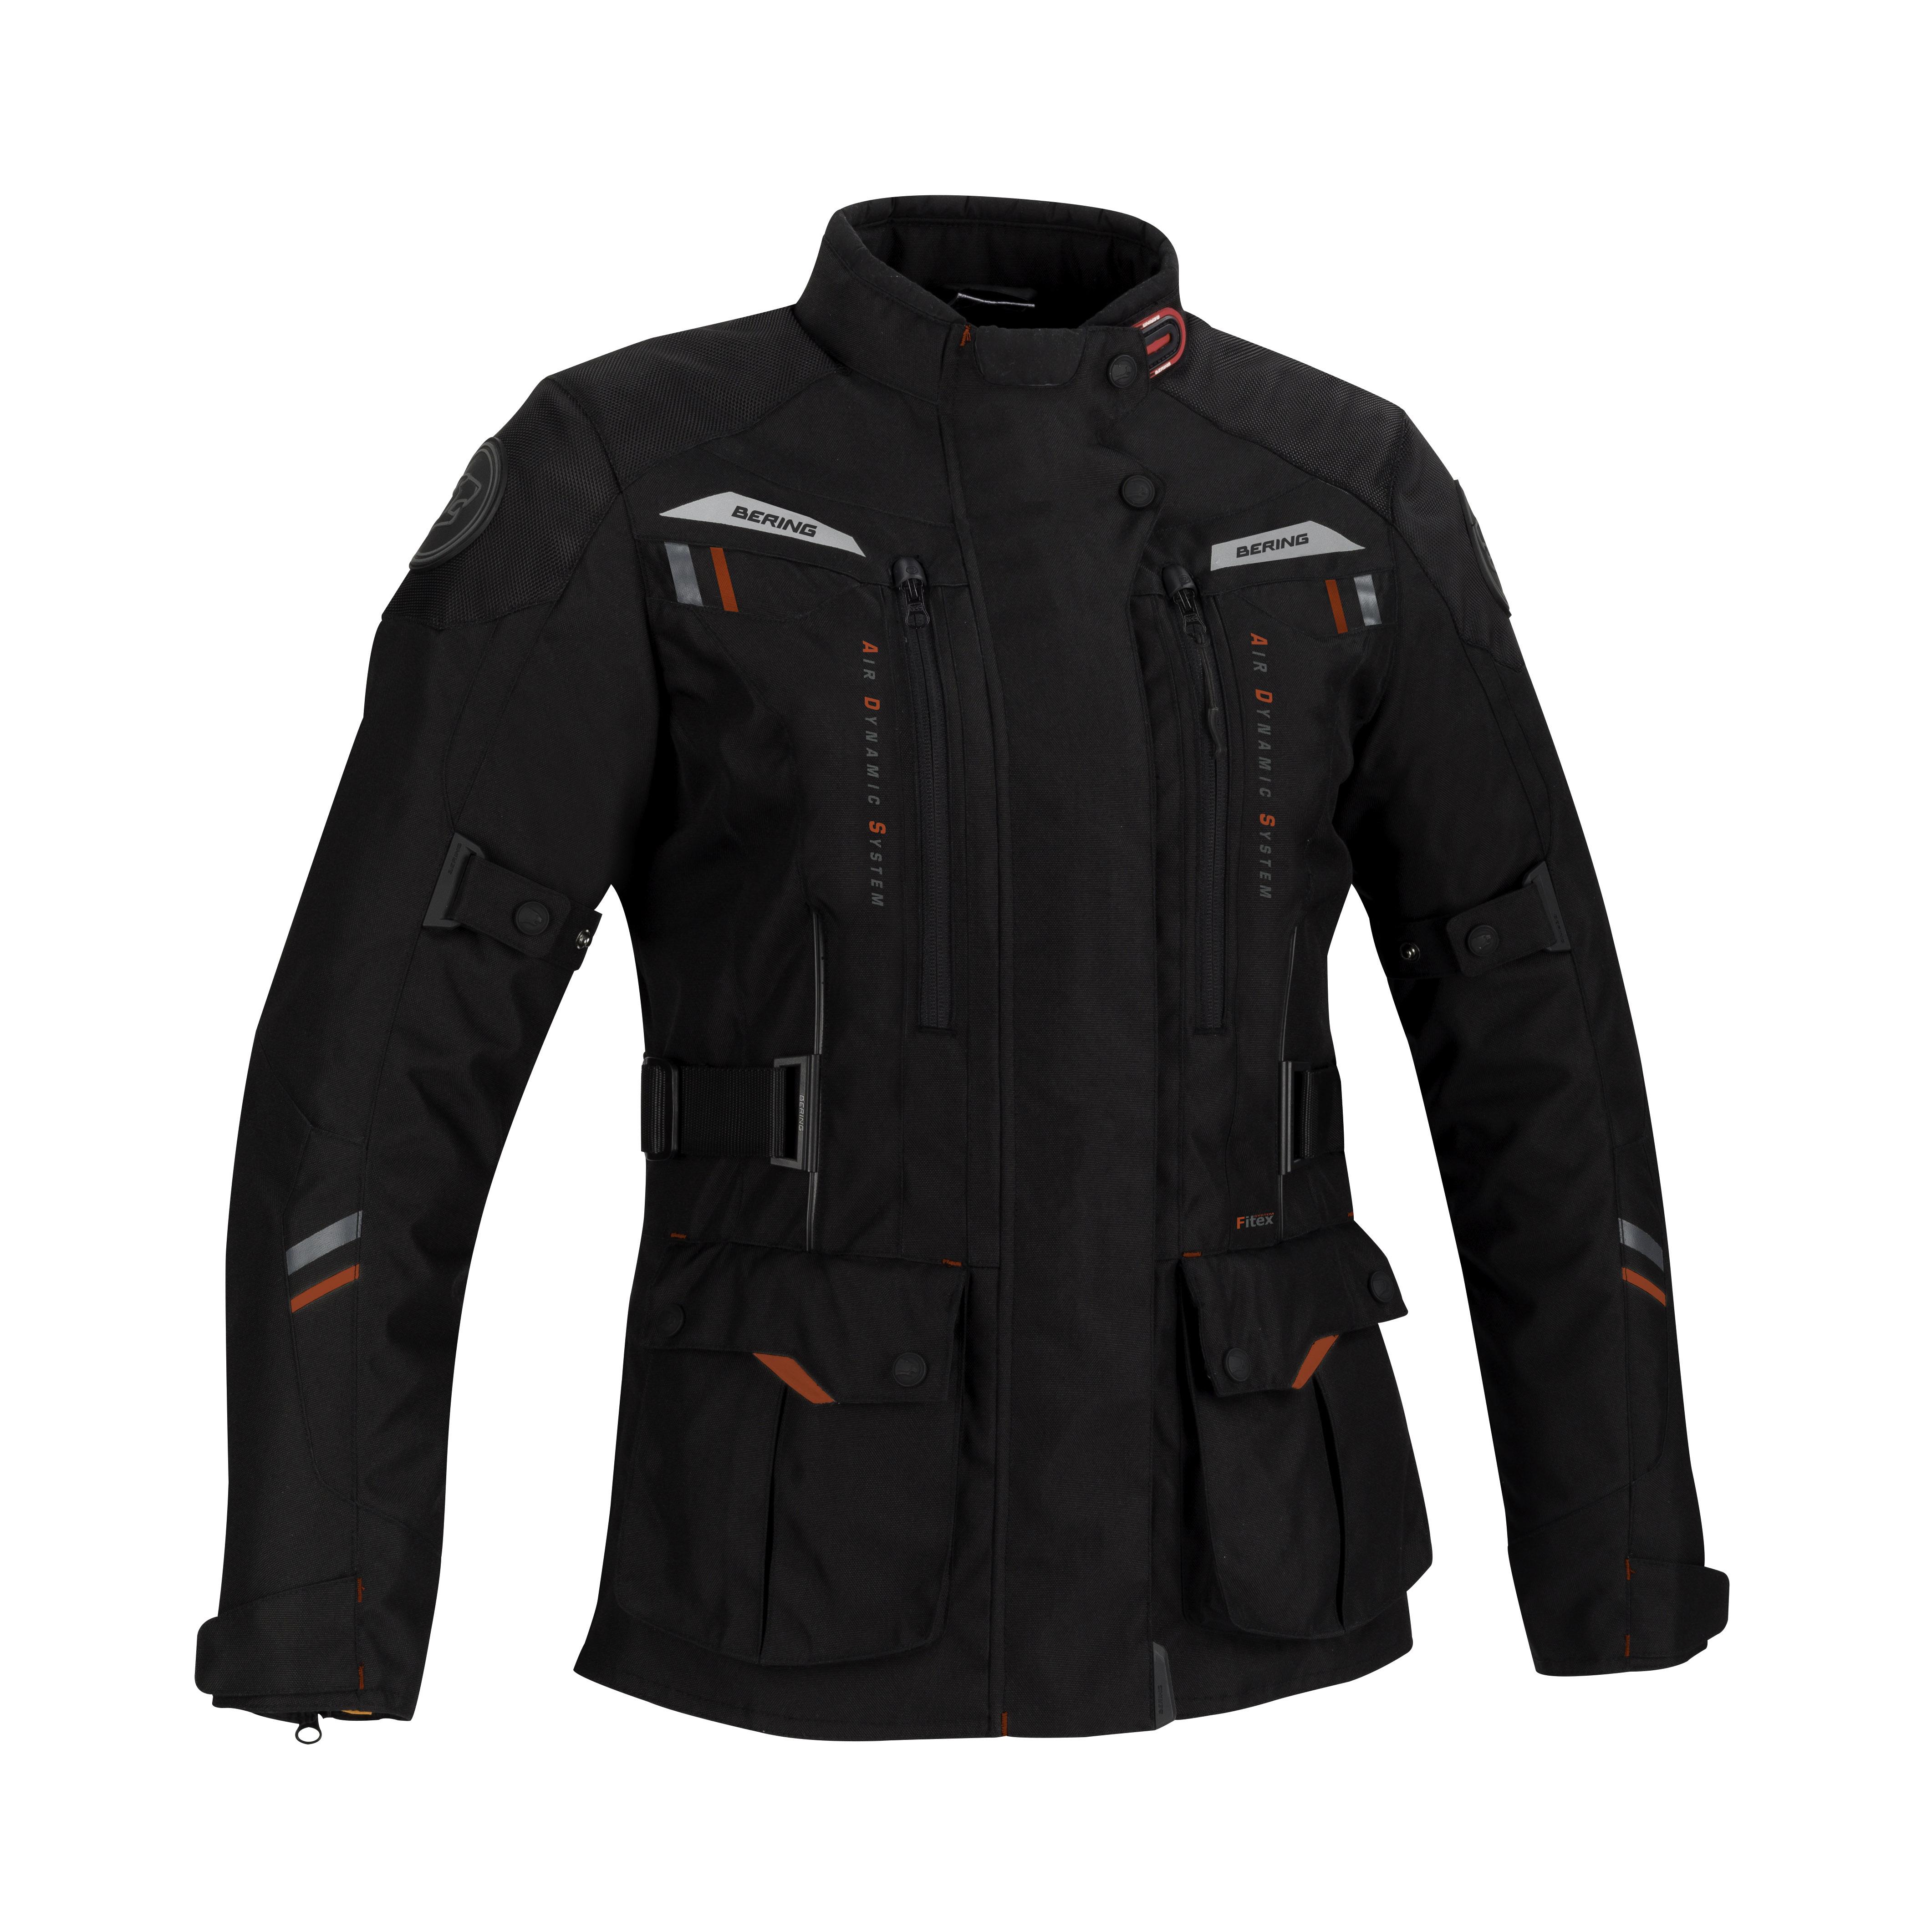 beae1d364c Kezdőoldal>Termékek>Bering motoros ruházat>Női textil dzseki>Lady Darko ·  Lady Darko BTV510 Újdonság!